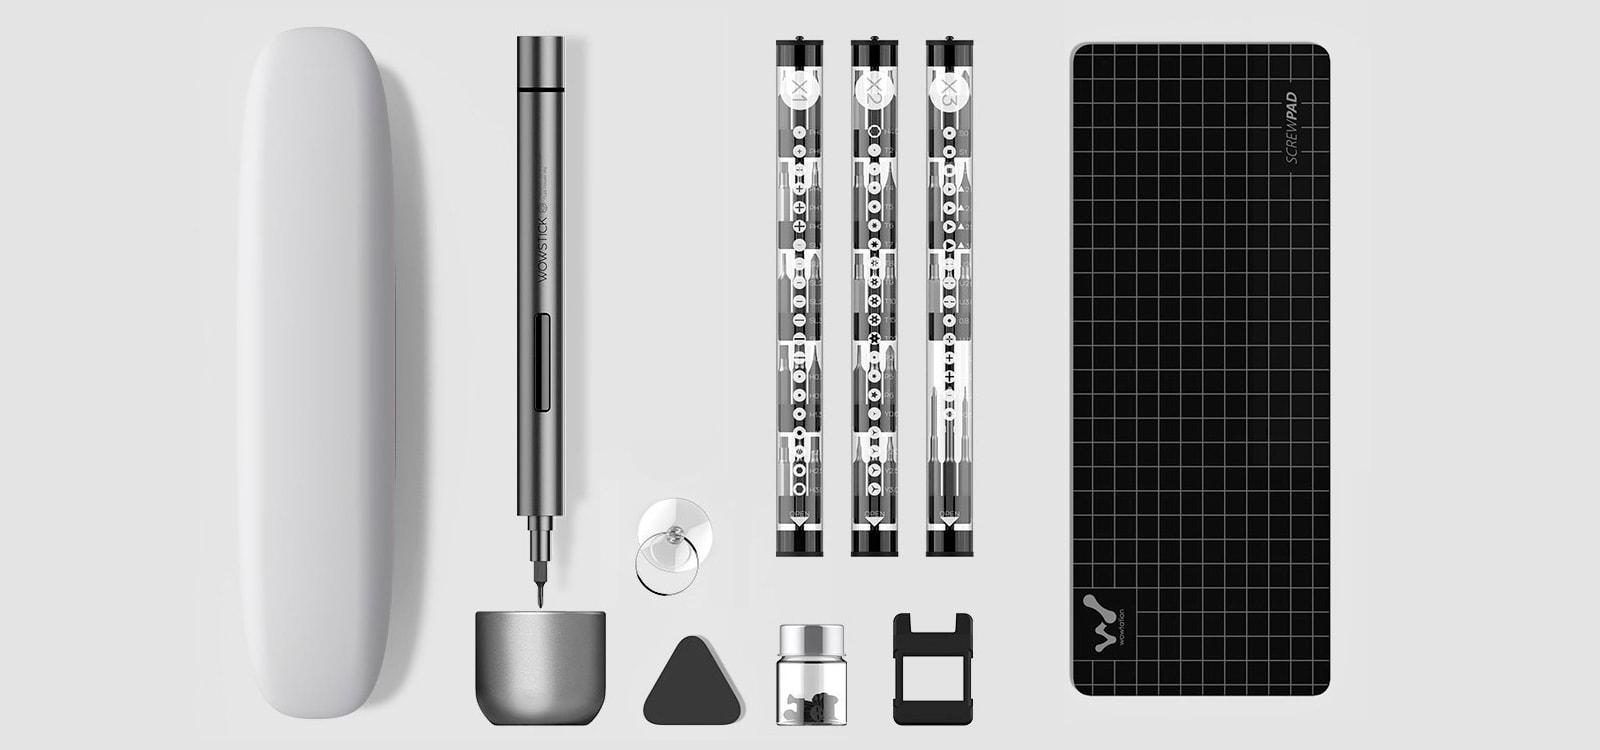 Подборка гик-отверток и необычных мультитулов от Leatherman до Xiaomi - 19